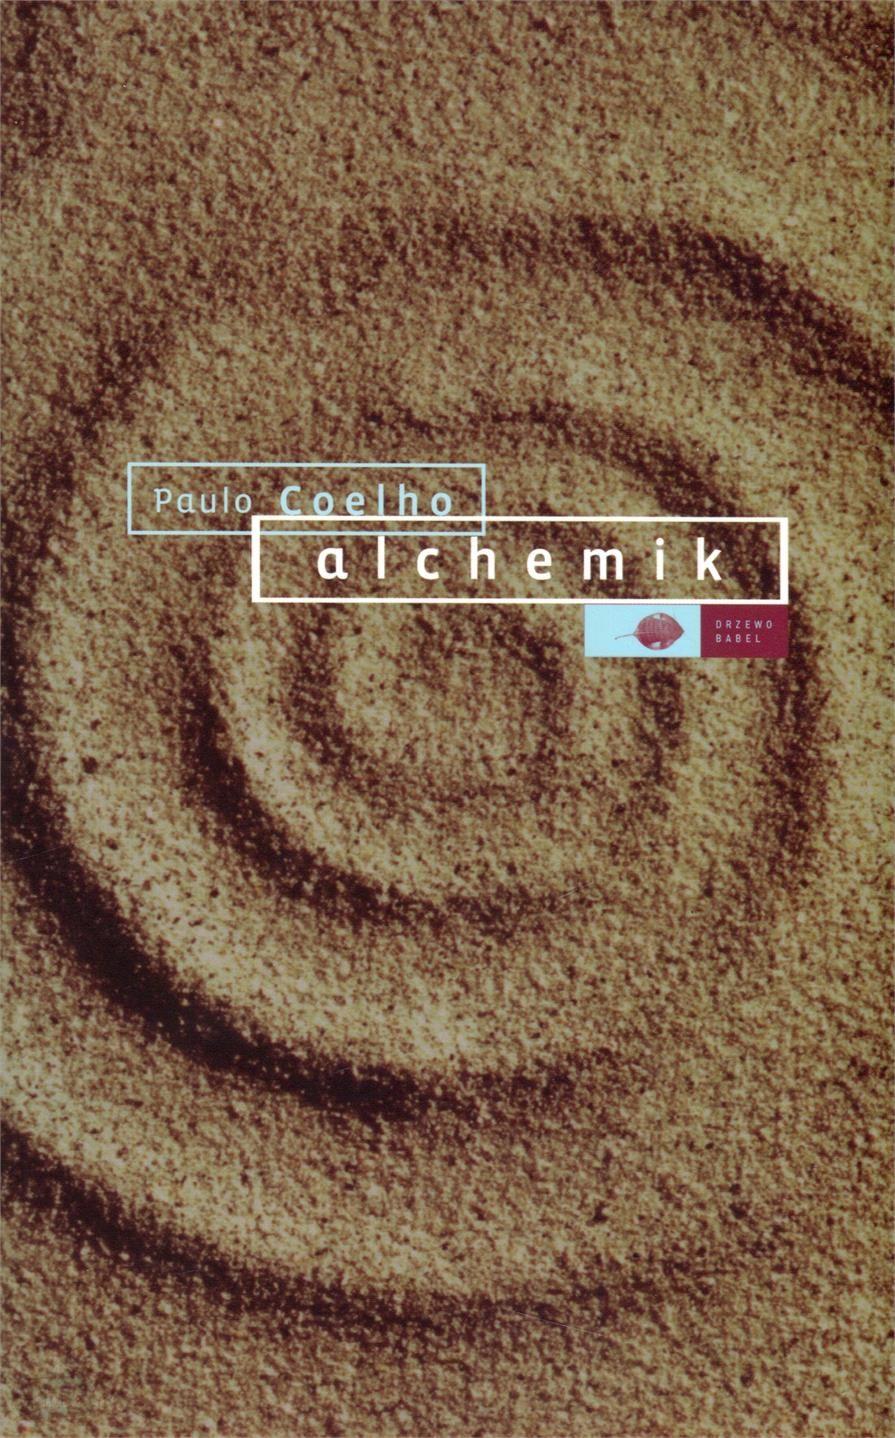 Alchemik. Paulo Coelho.